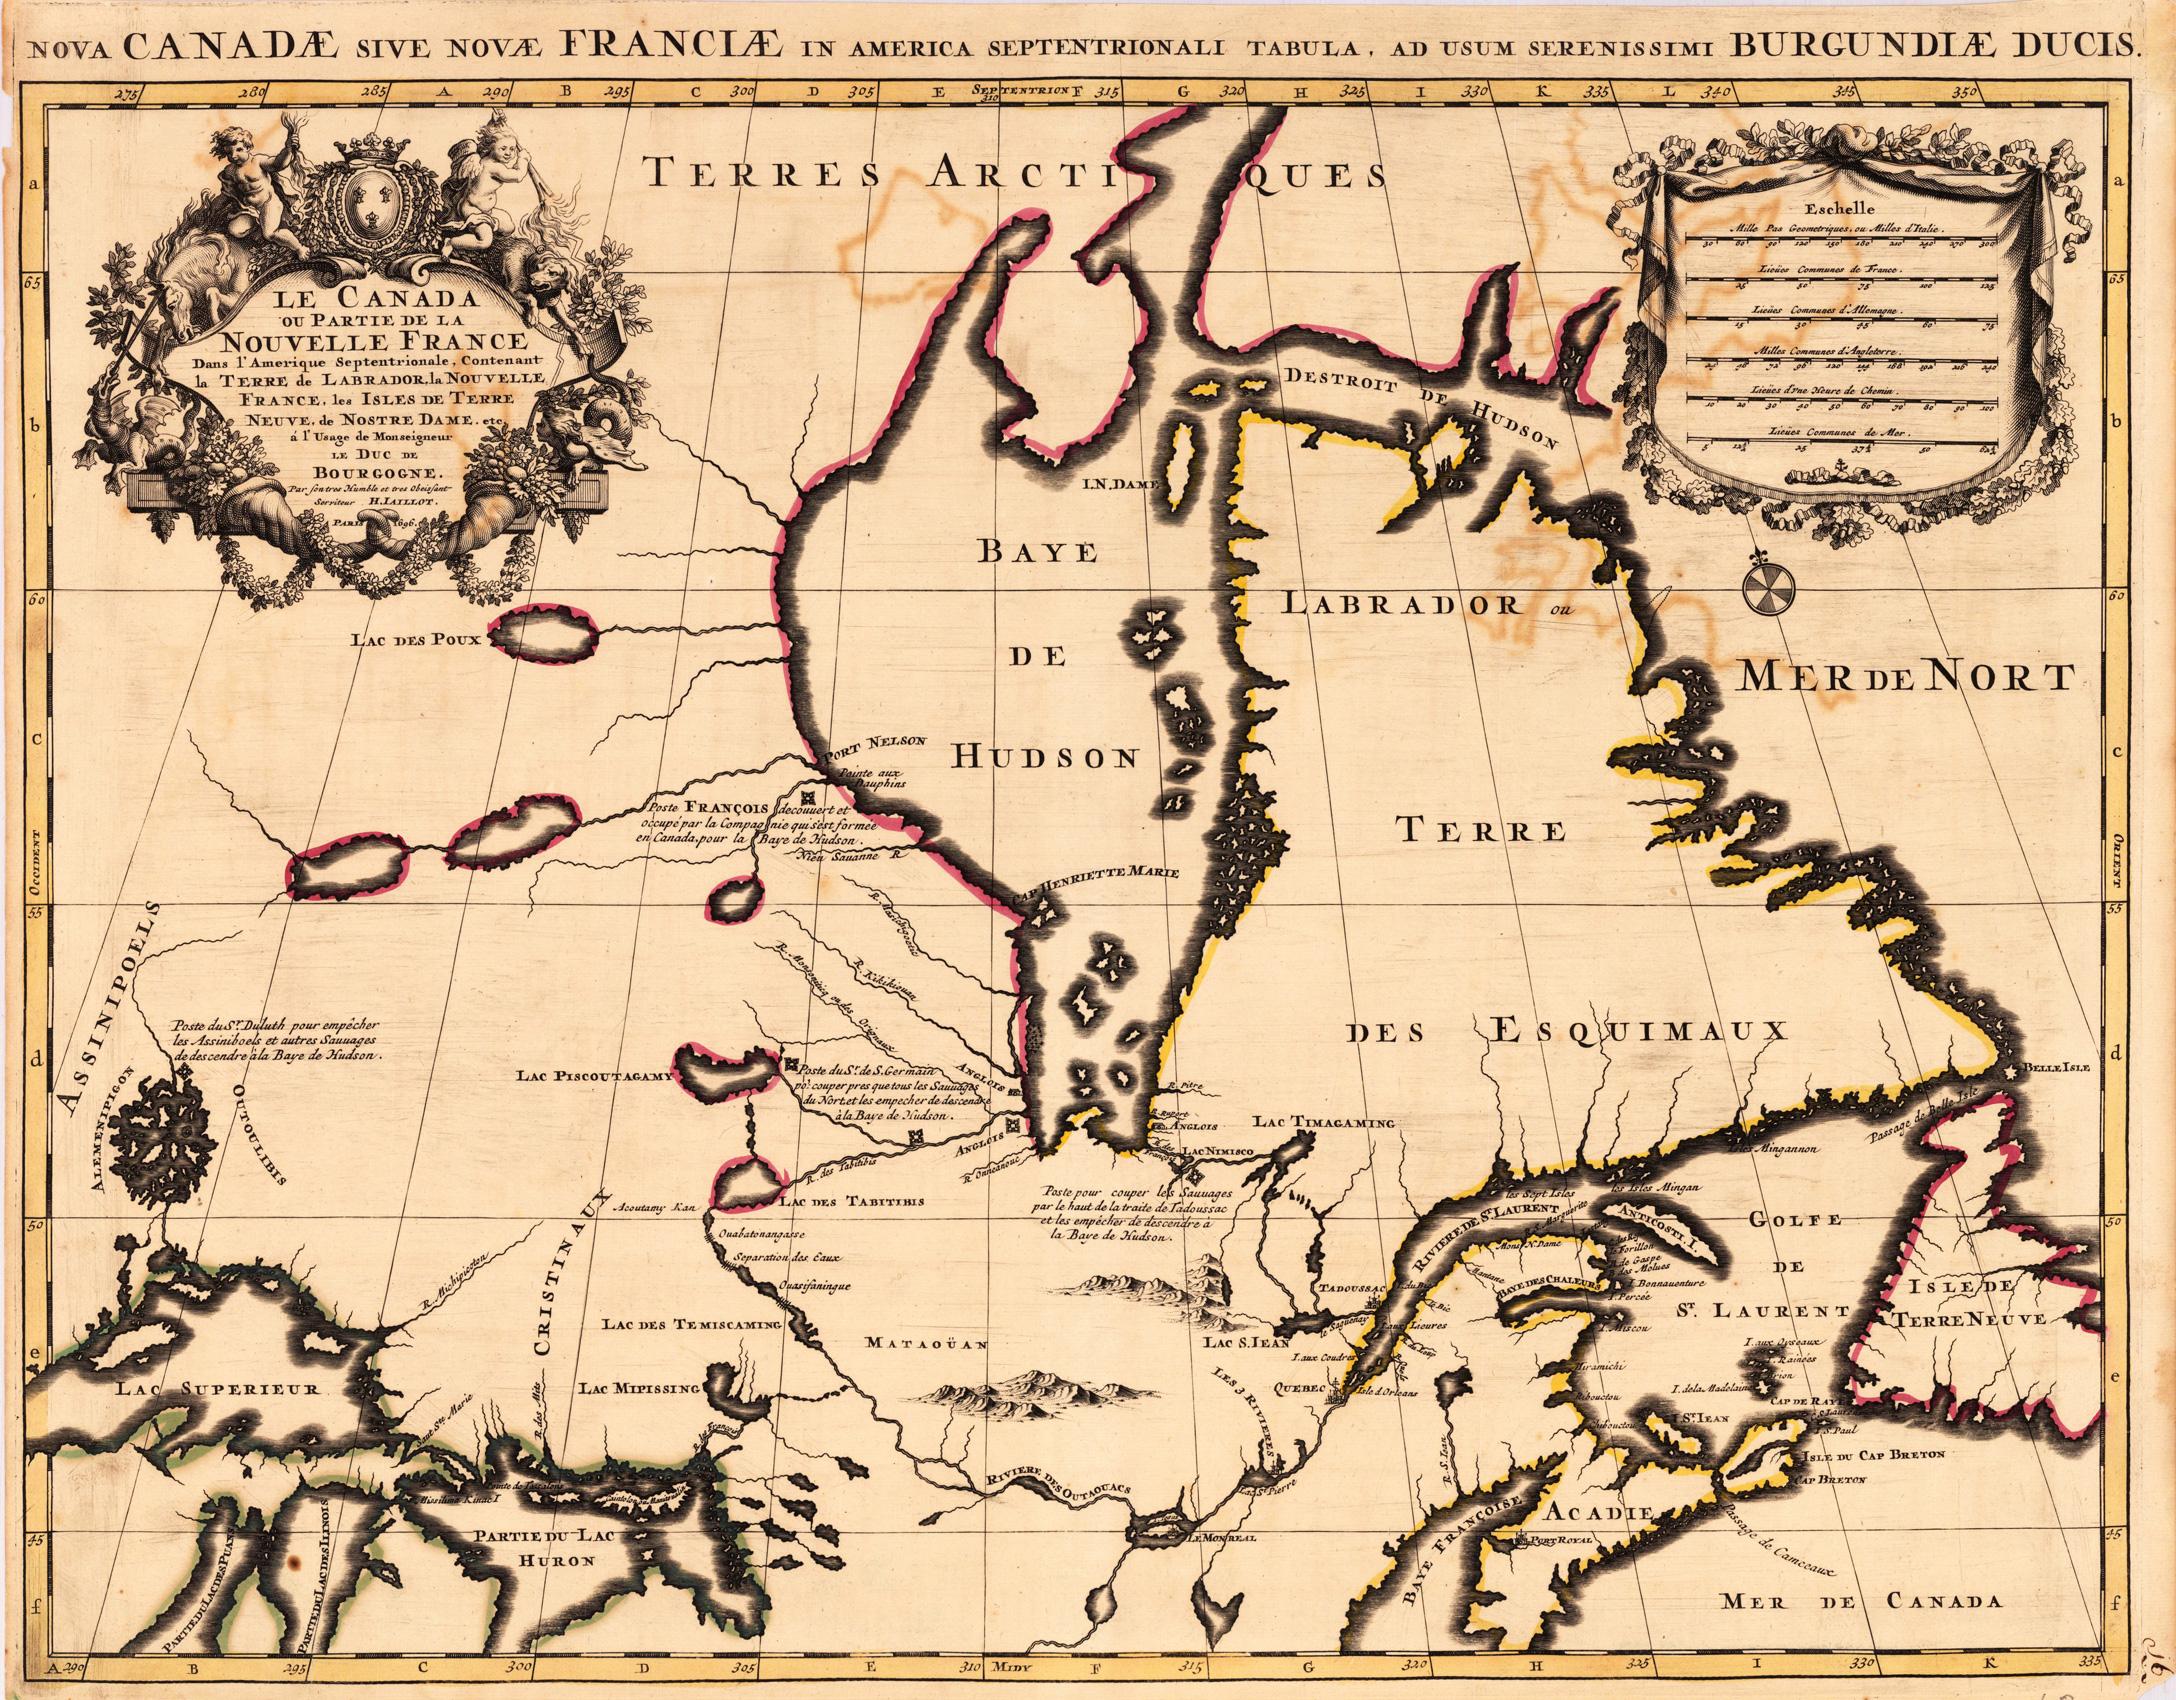 Nova Canadae 1693